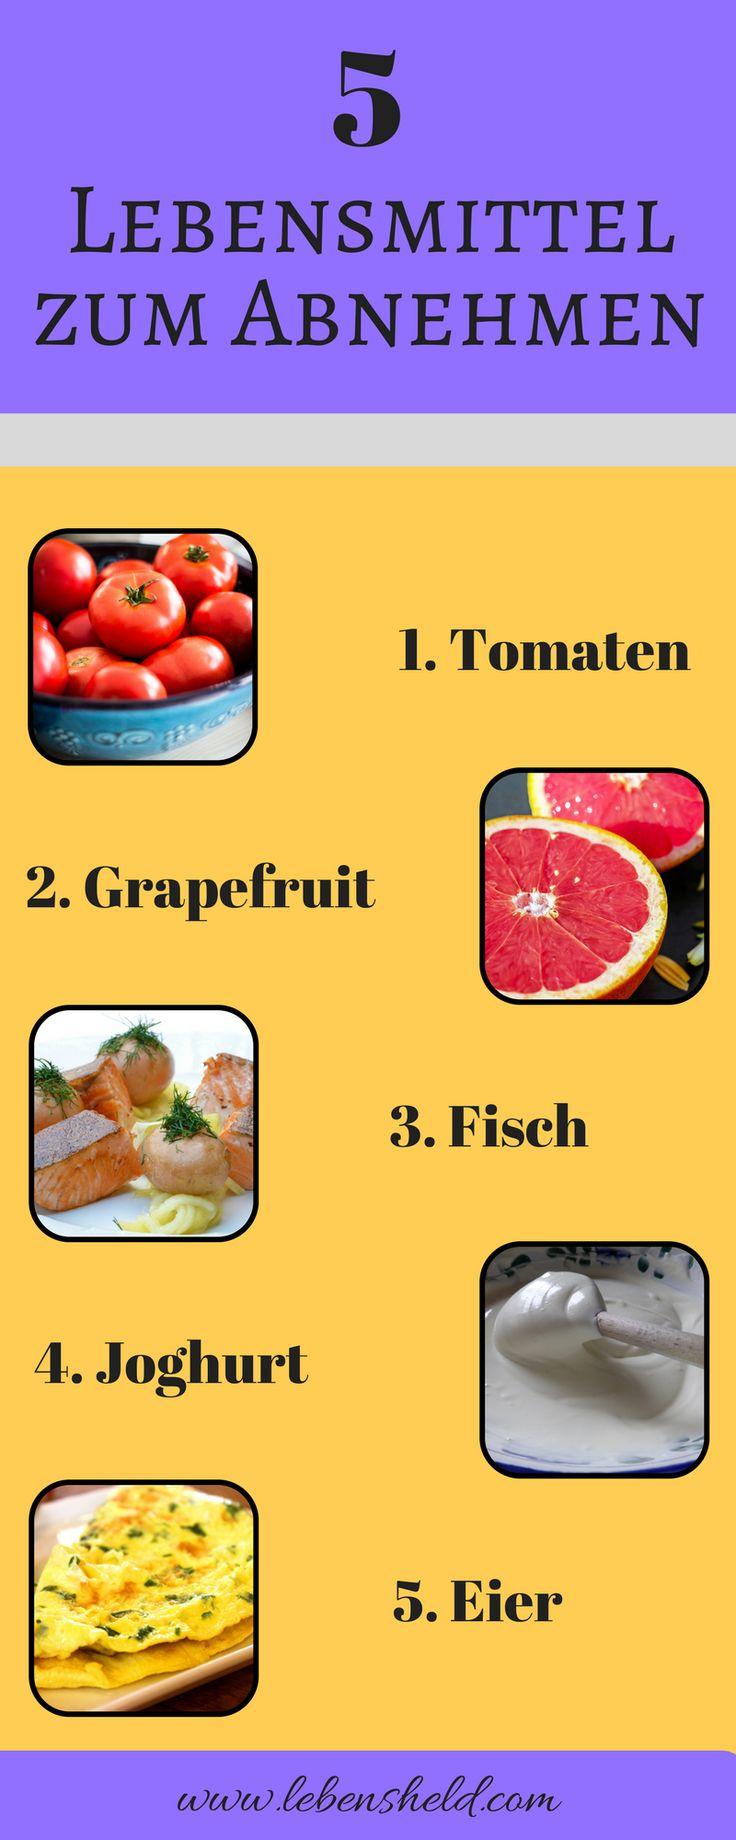 5 Lebensmittel zum Abnehmen - so nimmst du schneller ab.